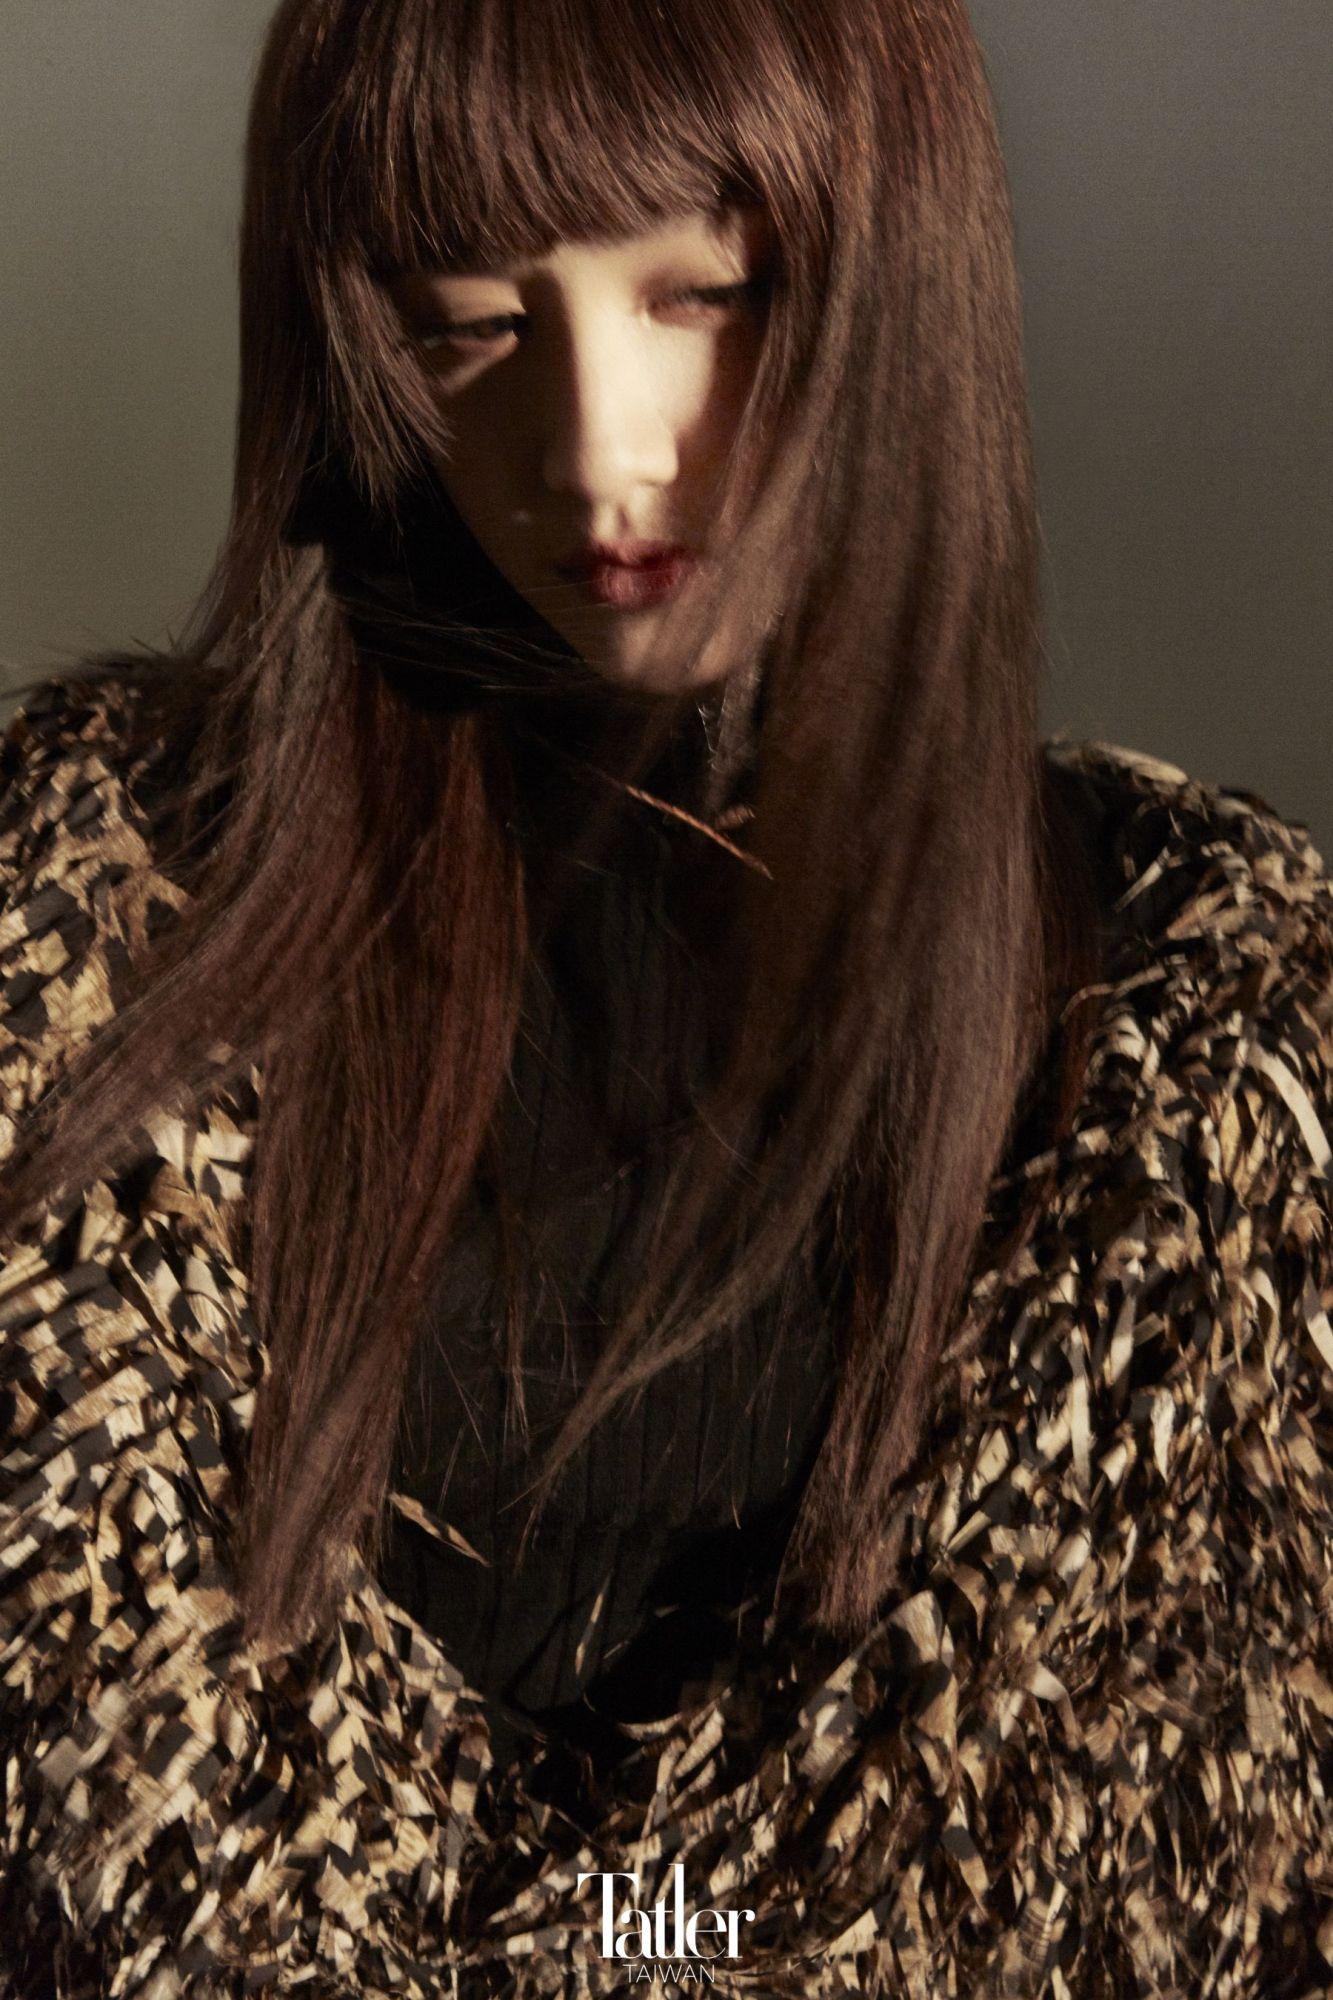 流蘇大衣(Balenciaga);針織高領上衣(Longchamp);Serpenti Viper 項鍊(Bulgari)。